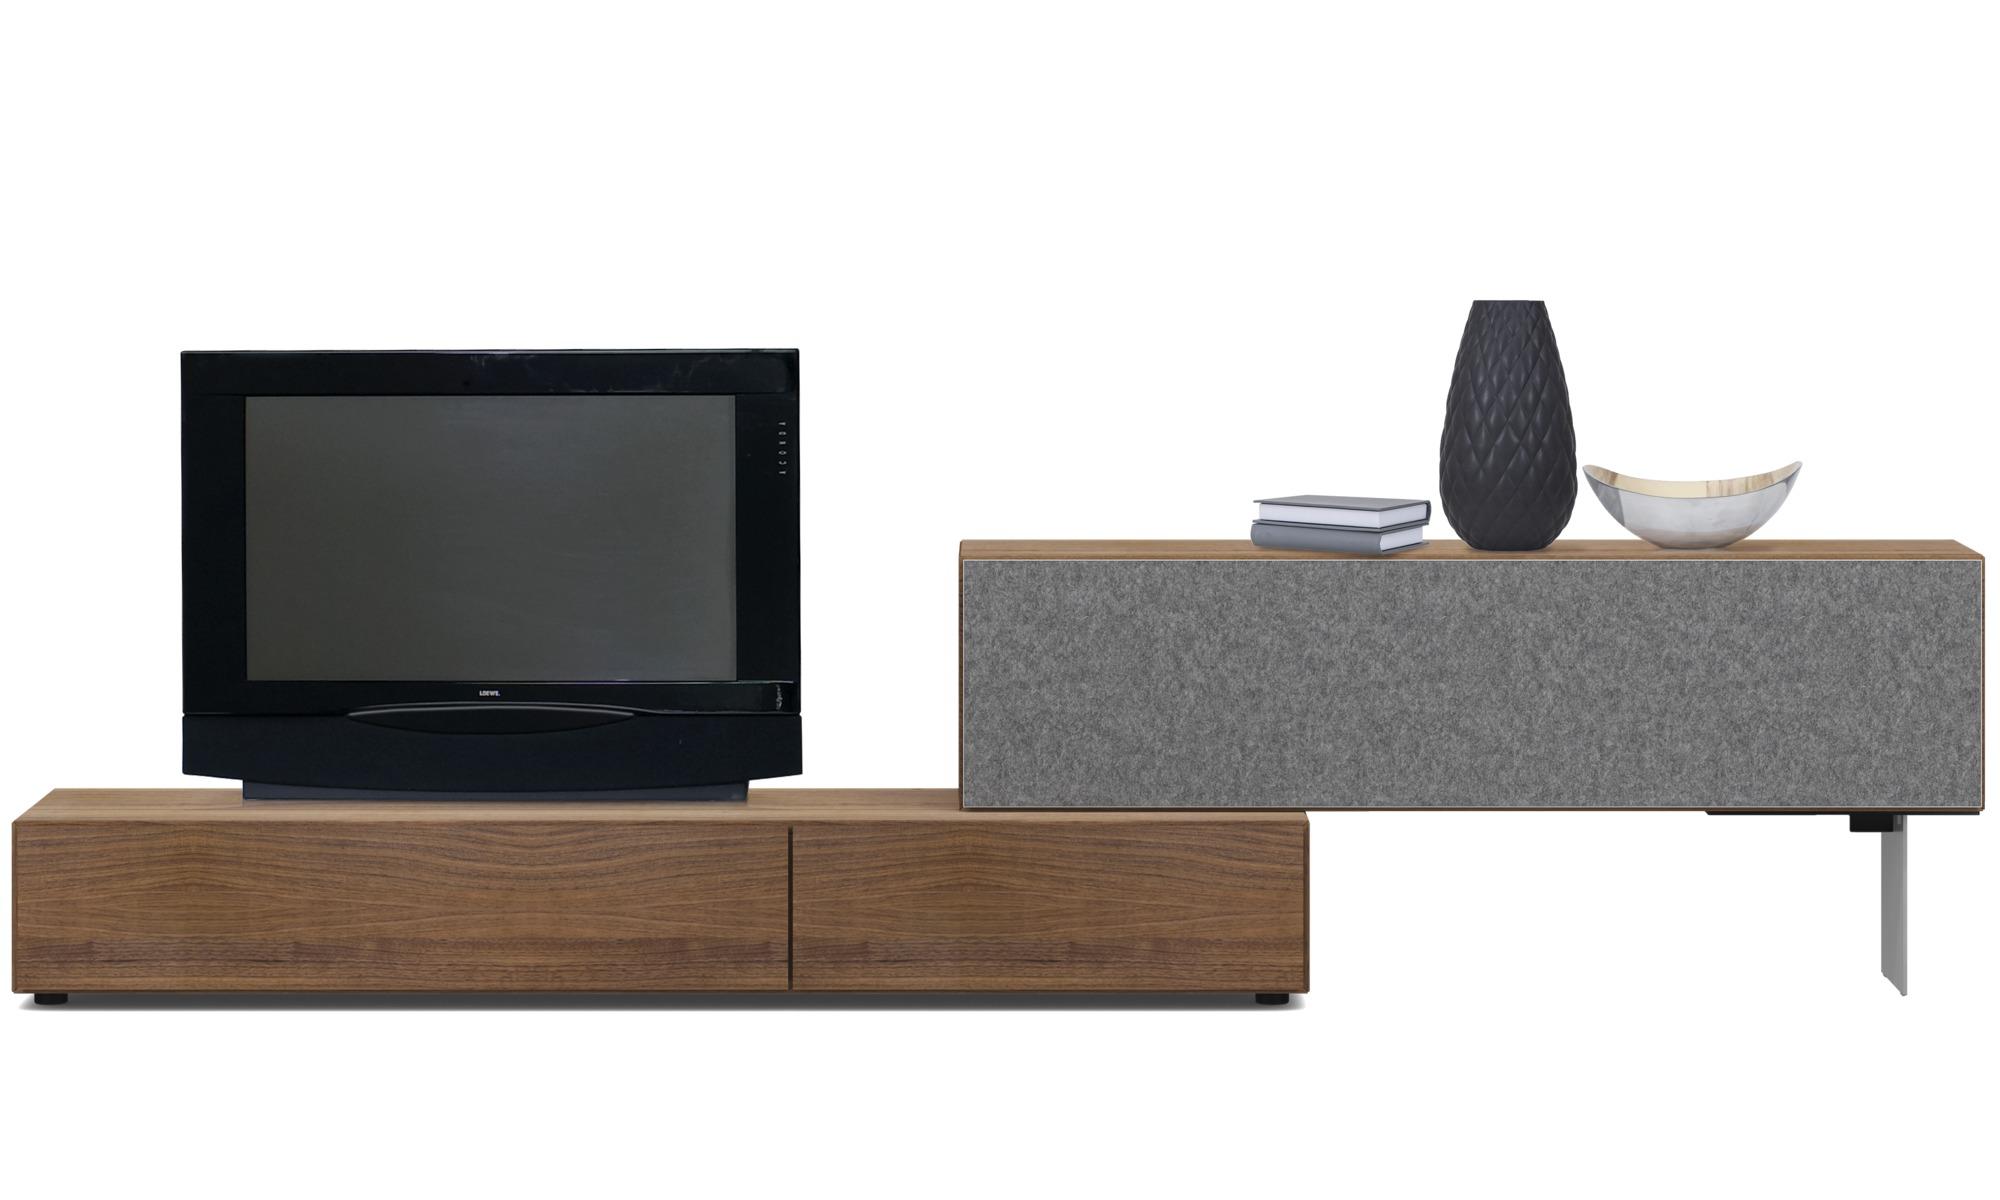 Muebles de TV - Gabinete de base Lugano con puertas abatibles hacia abajo - Frente de altavoz